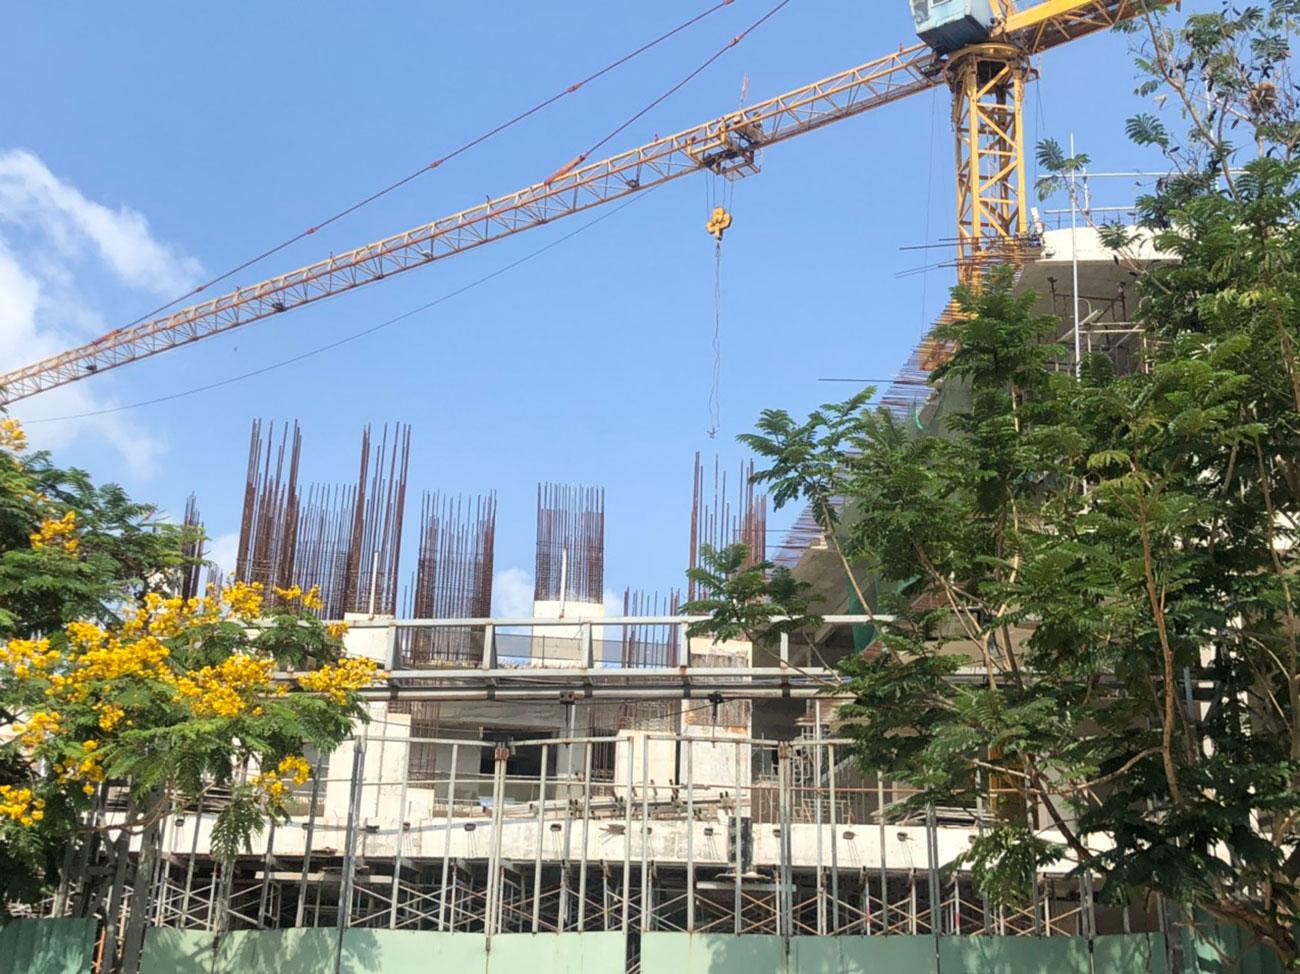 Tiến độ xây dựng căn hộ + Officetel dự án Viva Plaza 04/2020 – Nhận ký gửi mua bán + Cho thuê